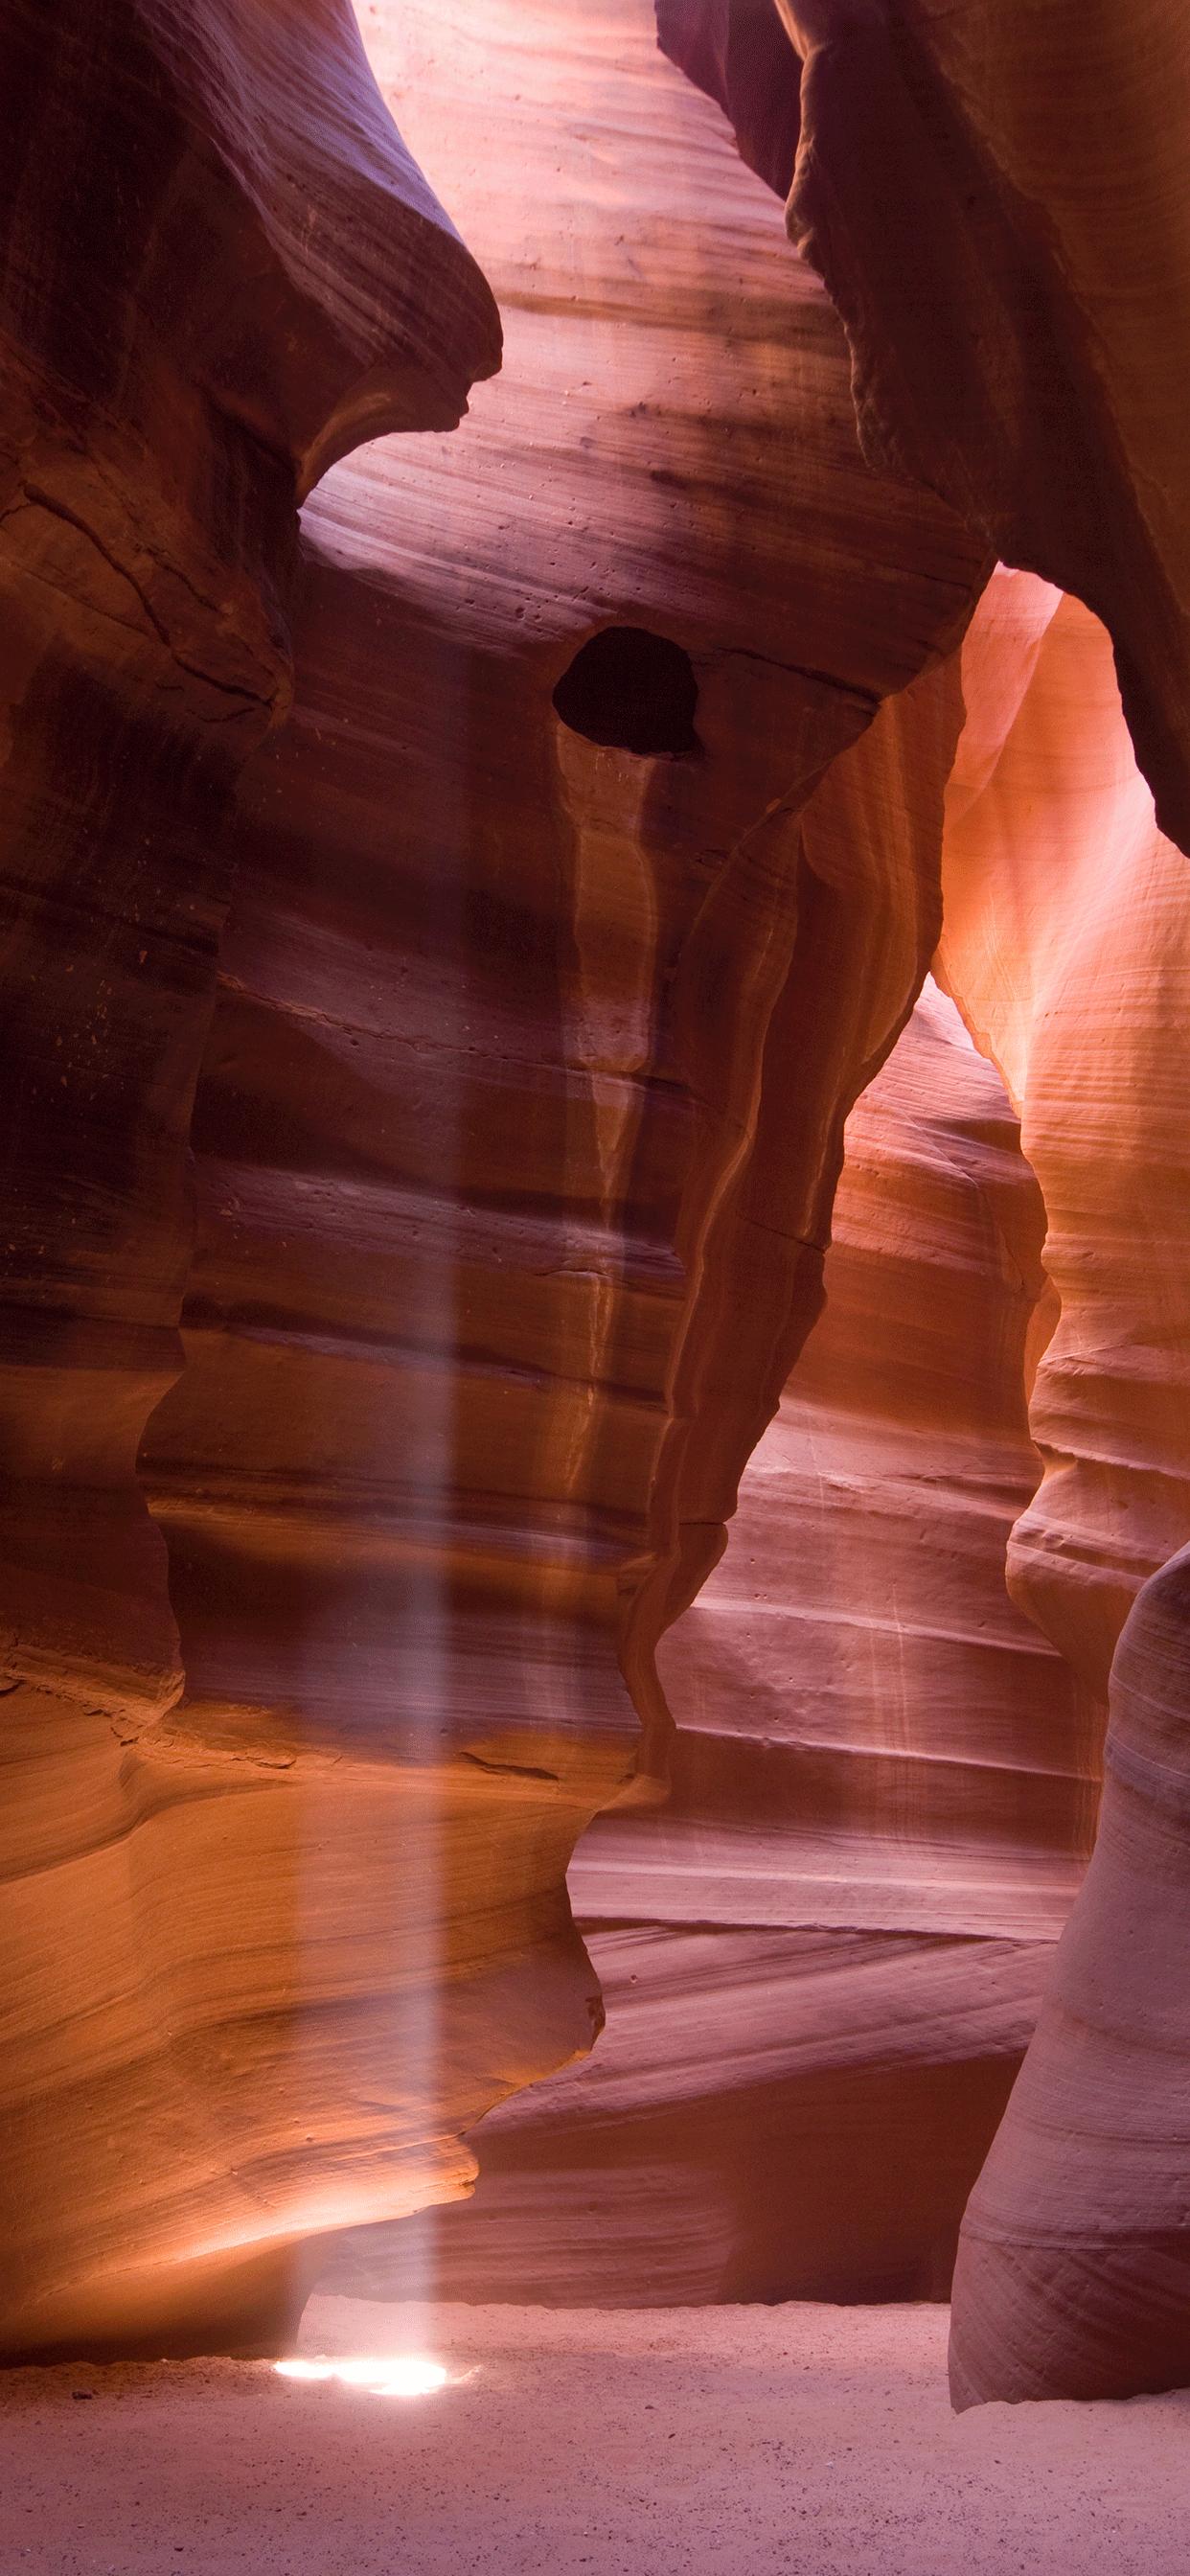 iPhone wallpaper antelope canyon c Antelope Canyon